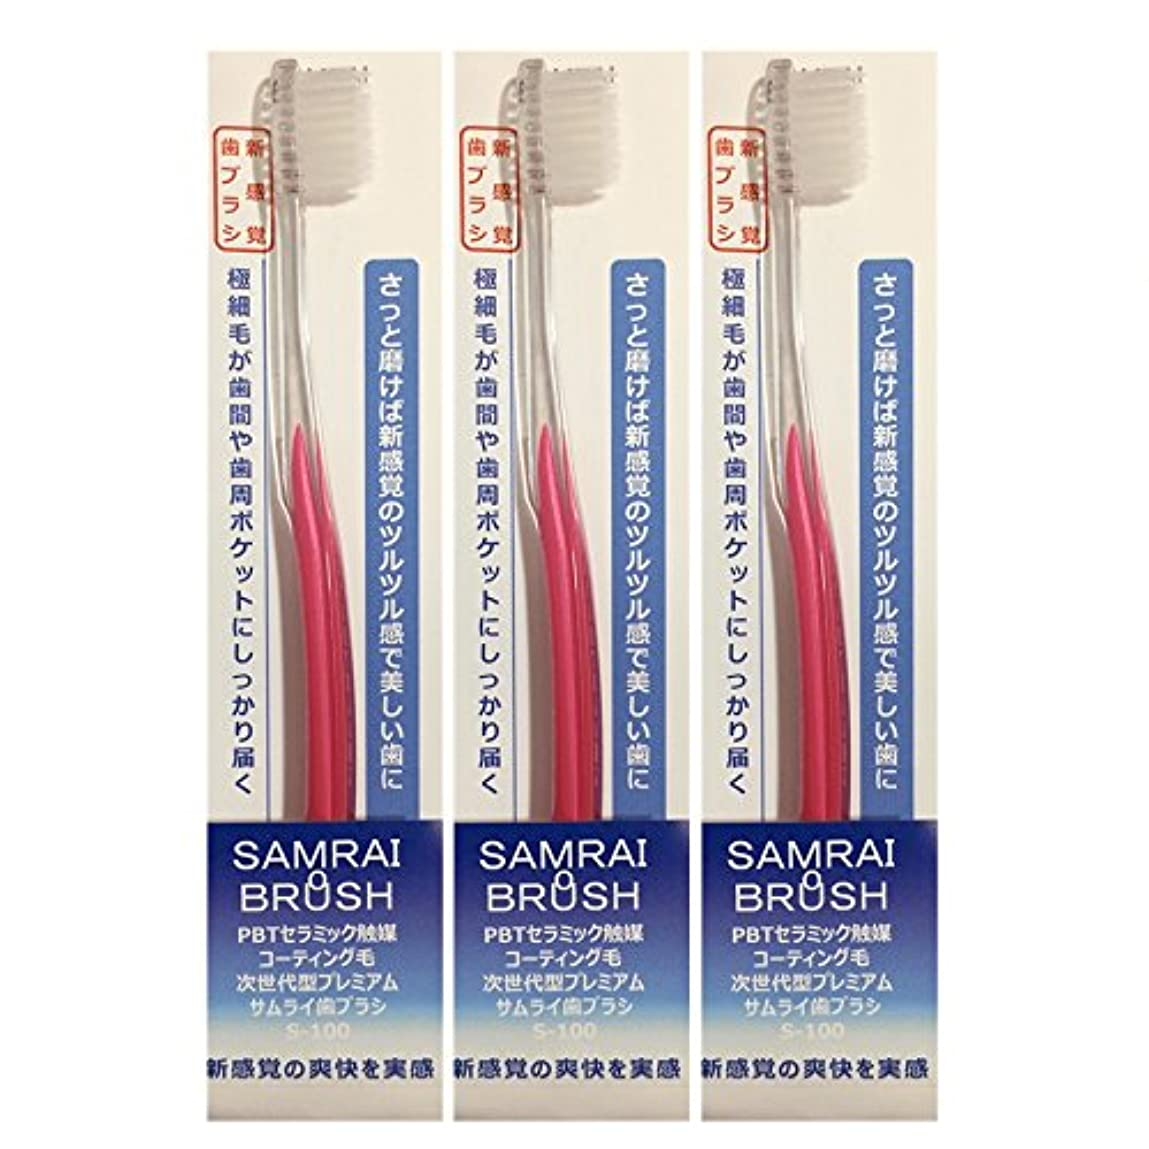 哲学的悪化する考古学的なサムライ(SAMRAI)歯ブラシ ふつうピンク 3本